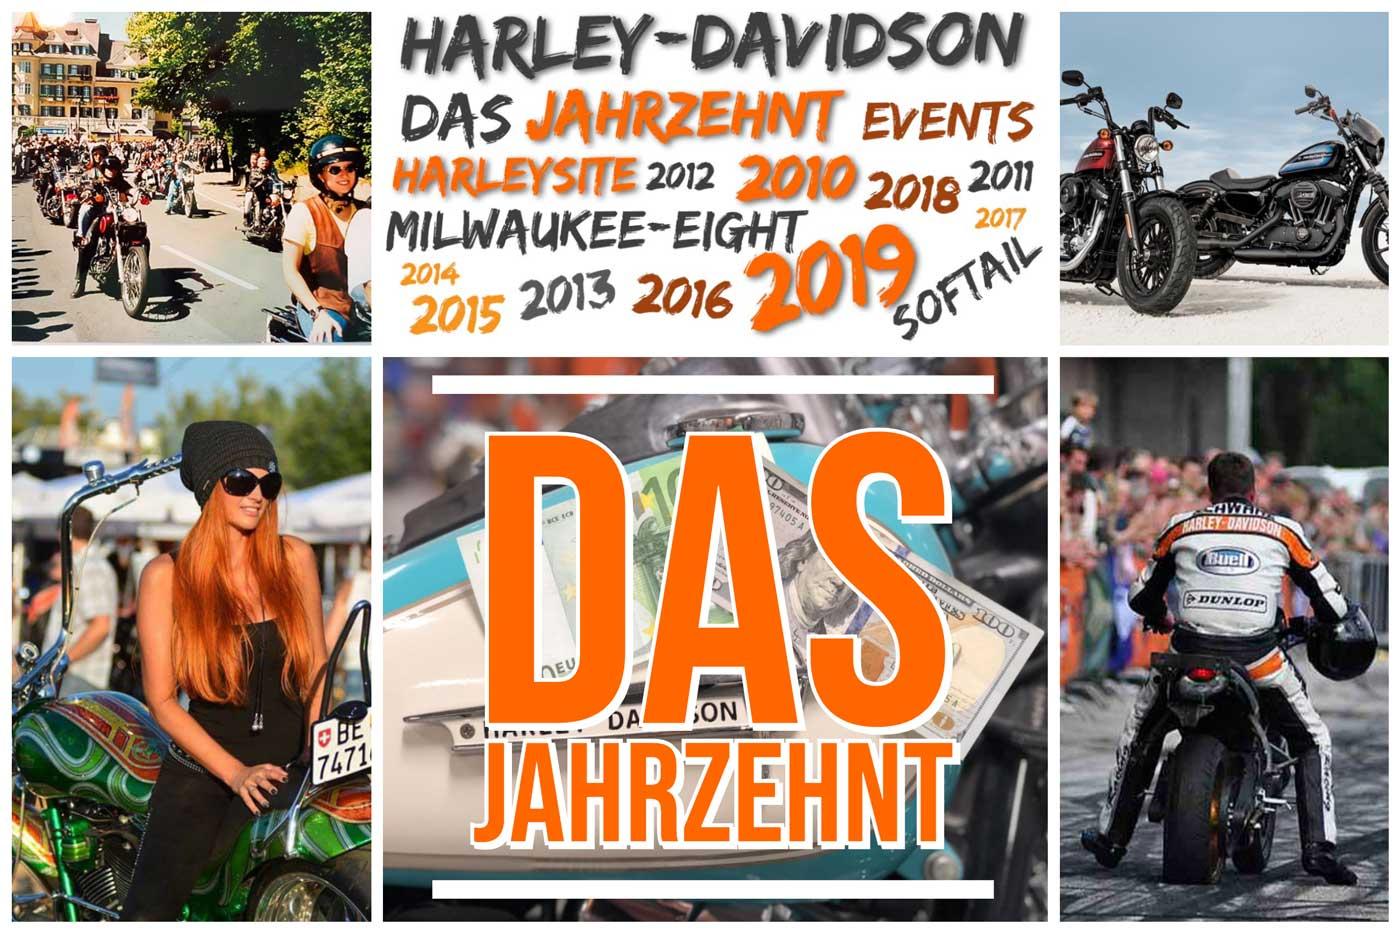 Harleysite - Das Jahrzehnt 2010 bis 2019